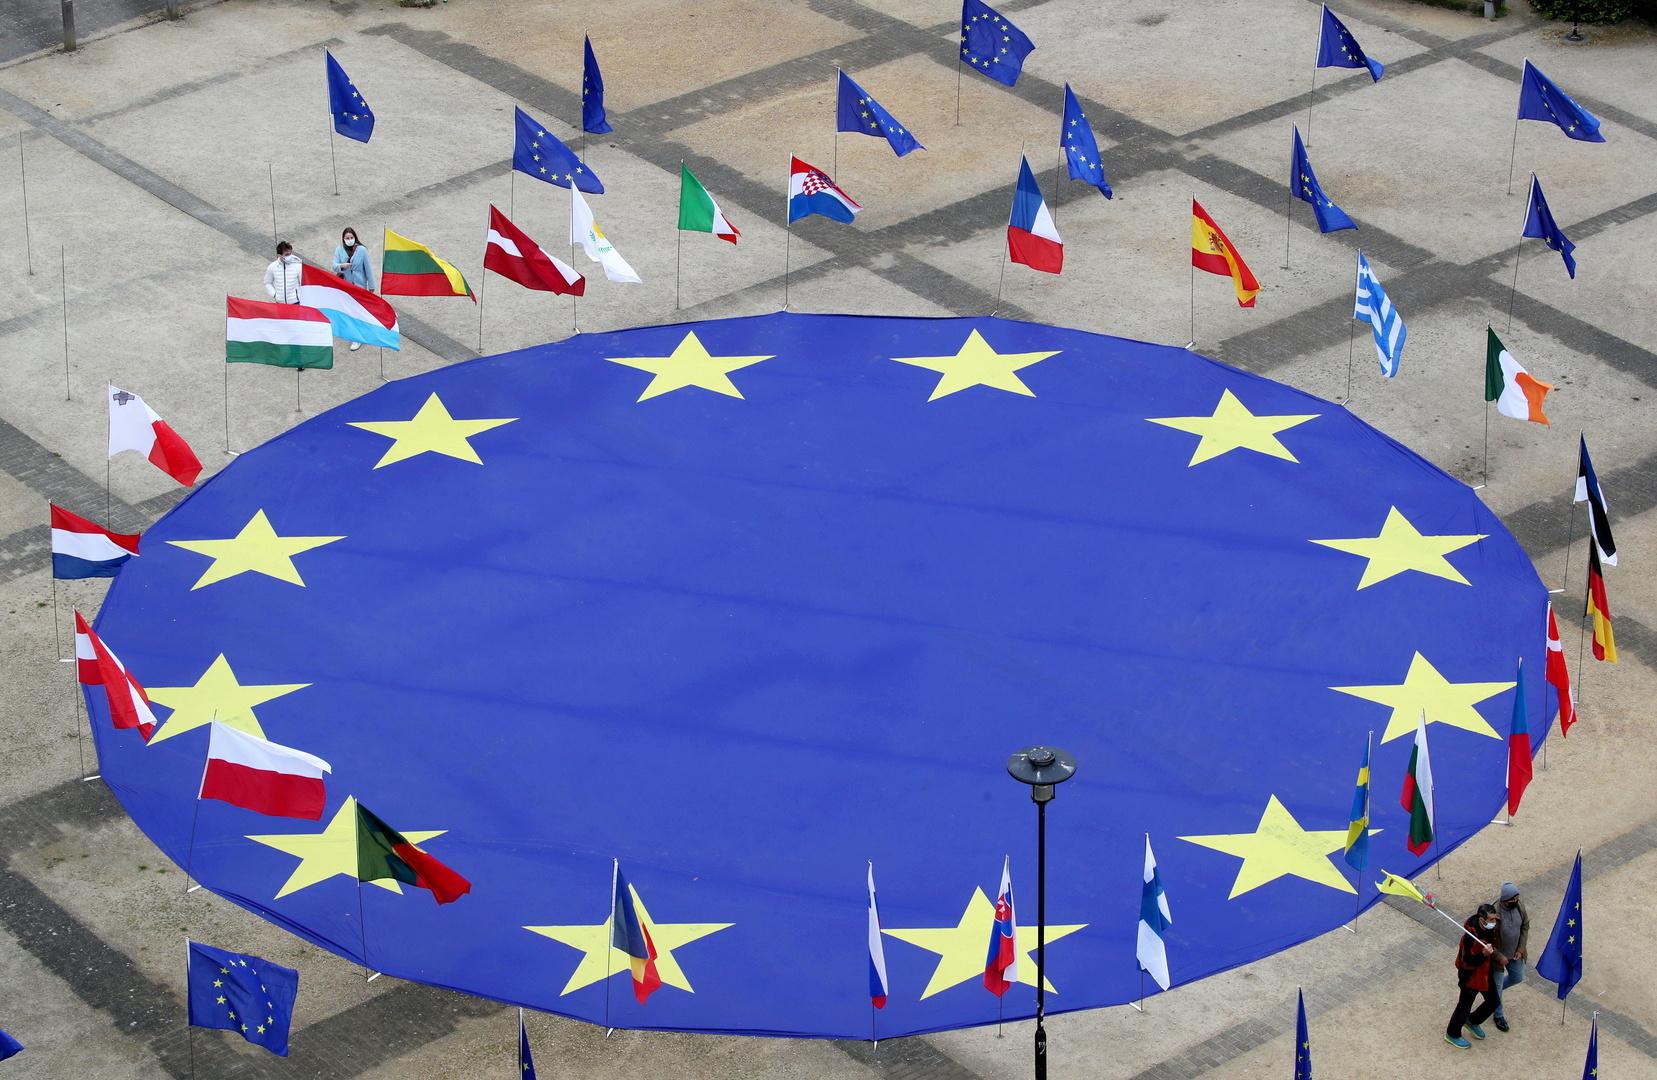 مسؤولون أوروبيون يؤكدون أهمية ضم دول جديدة للاتحاد